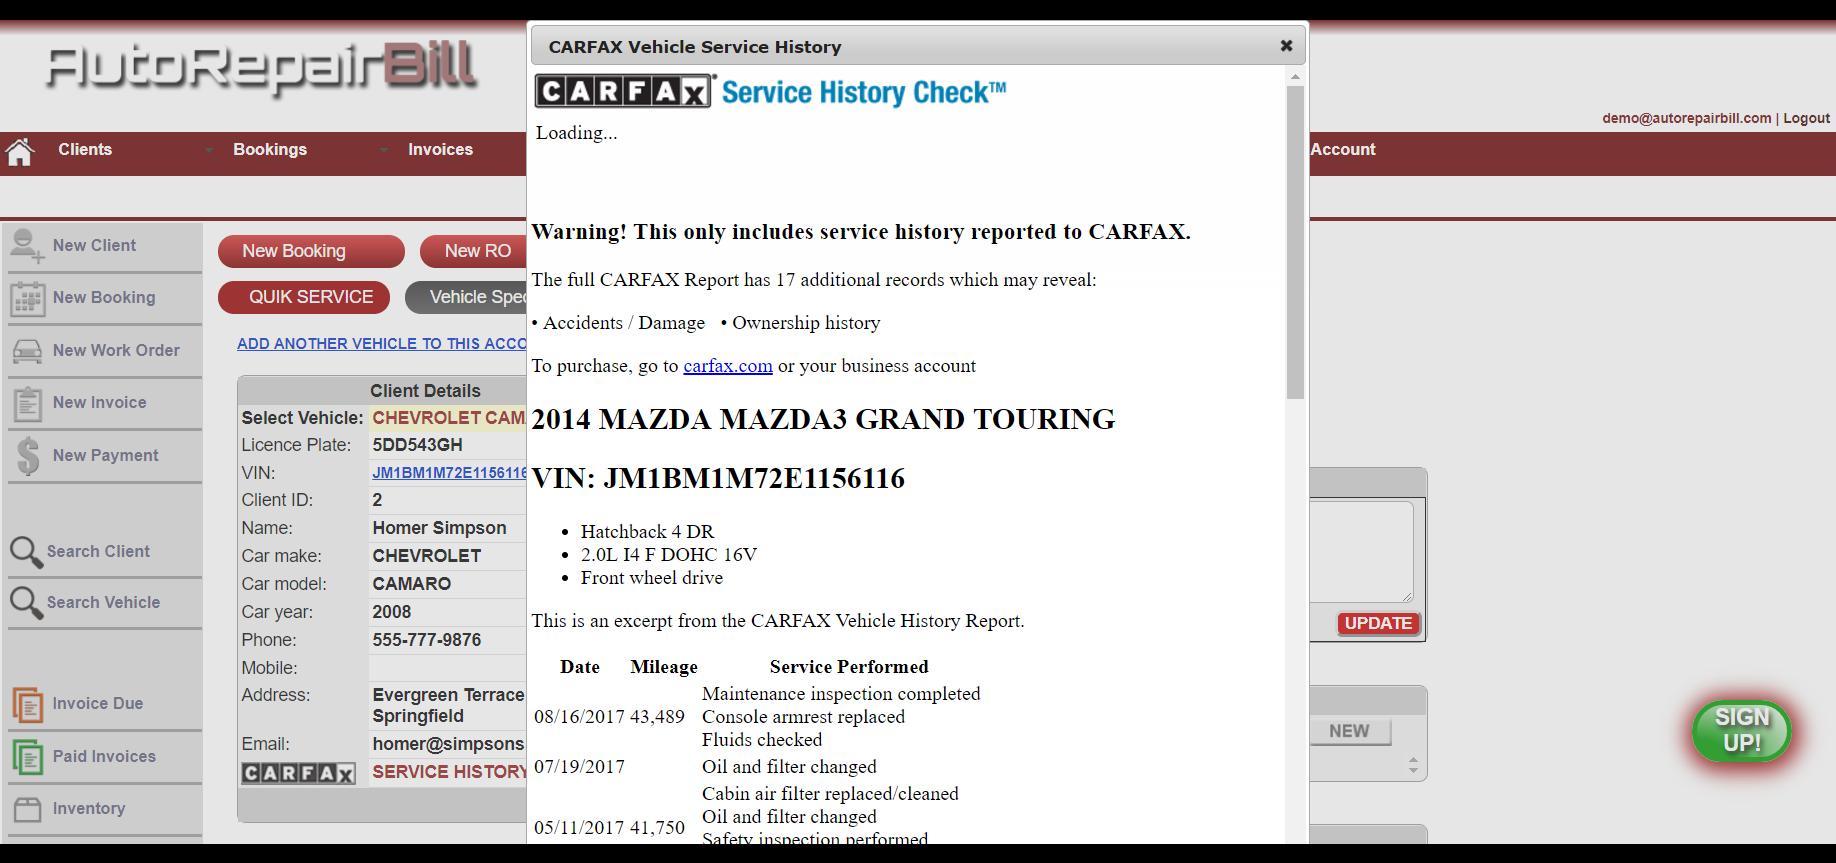 Carfax service history